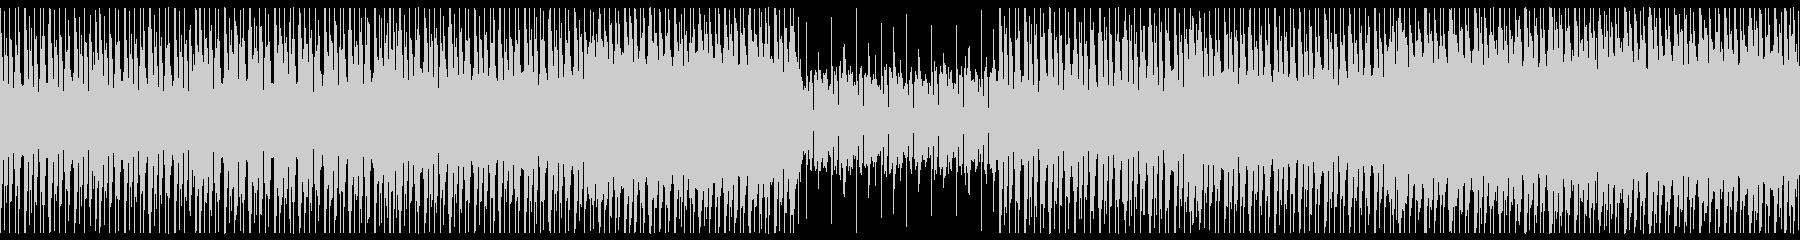 ループ バージョンの未再生の波形